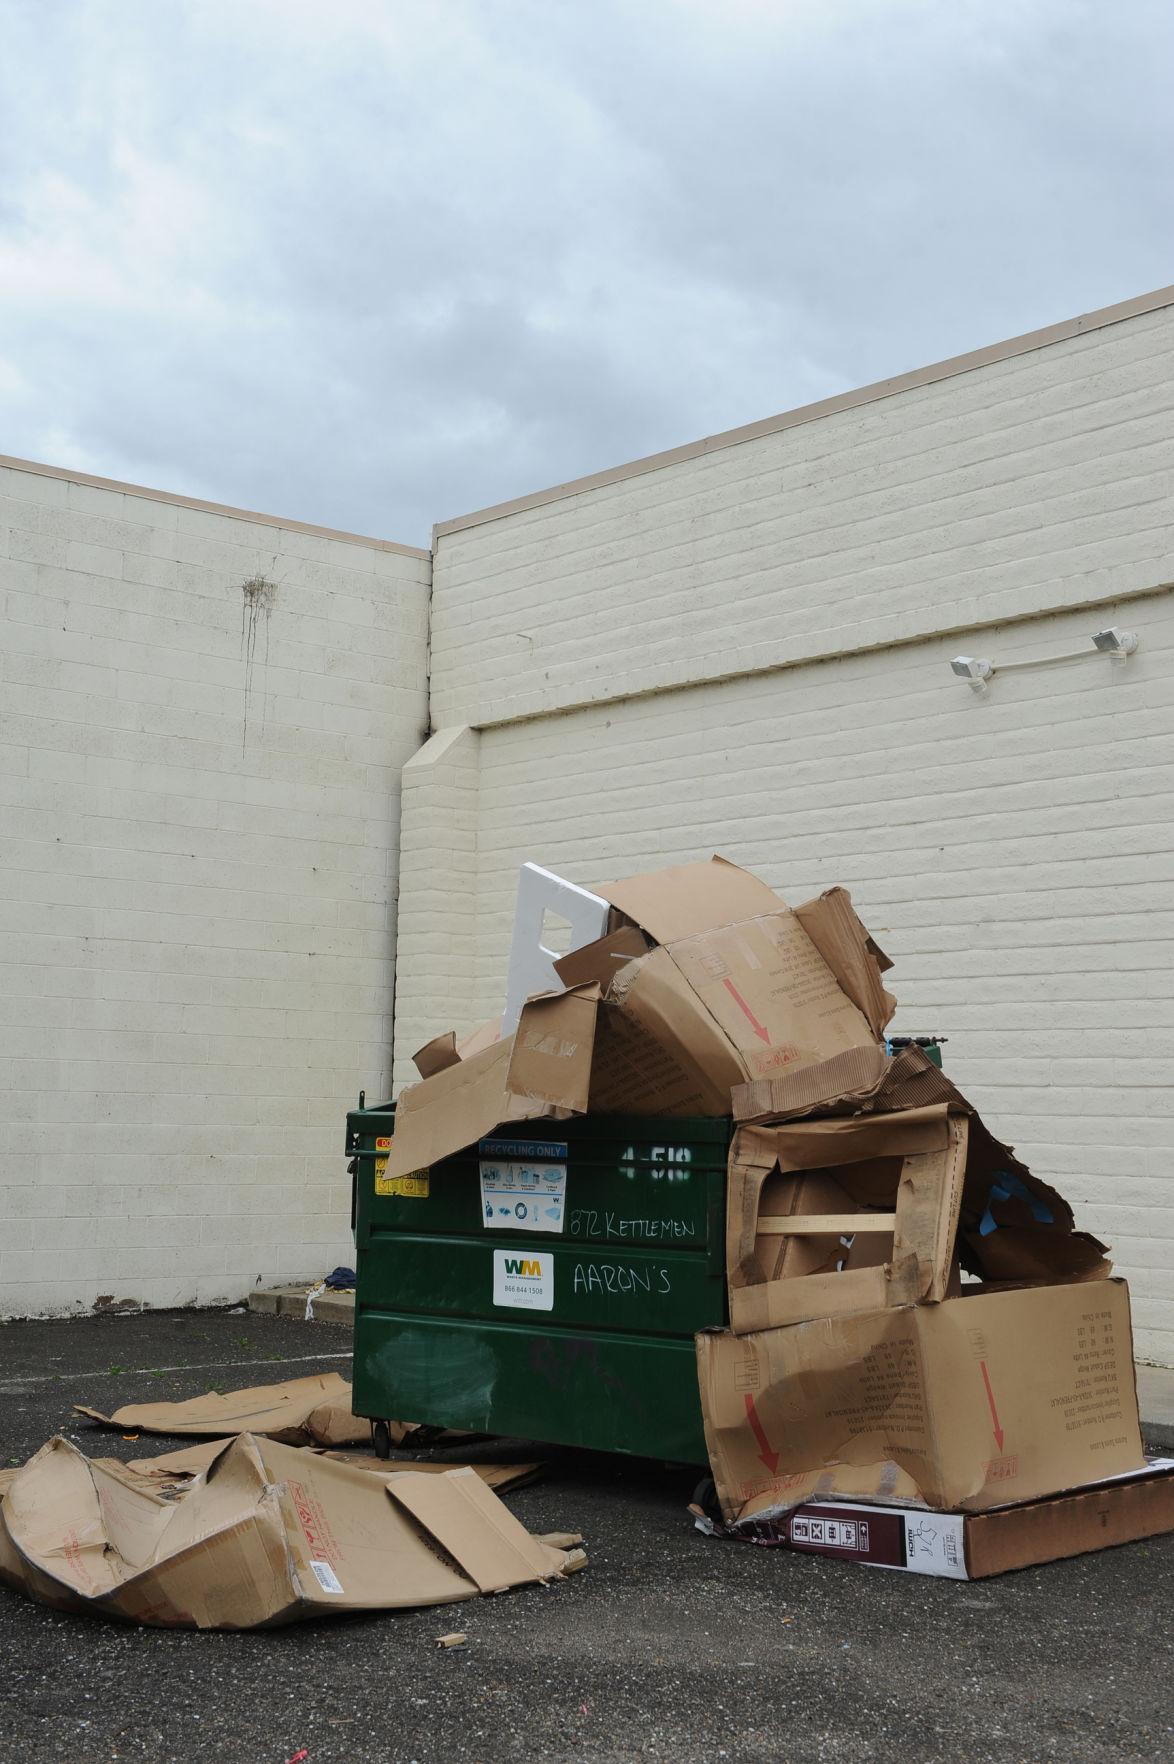 Waste Management installs geo-tracking cameras on trucks